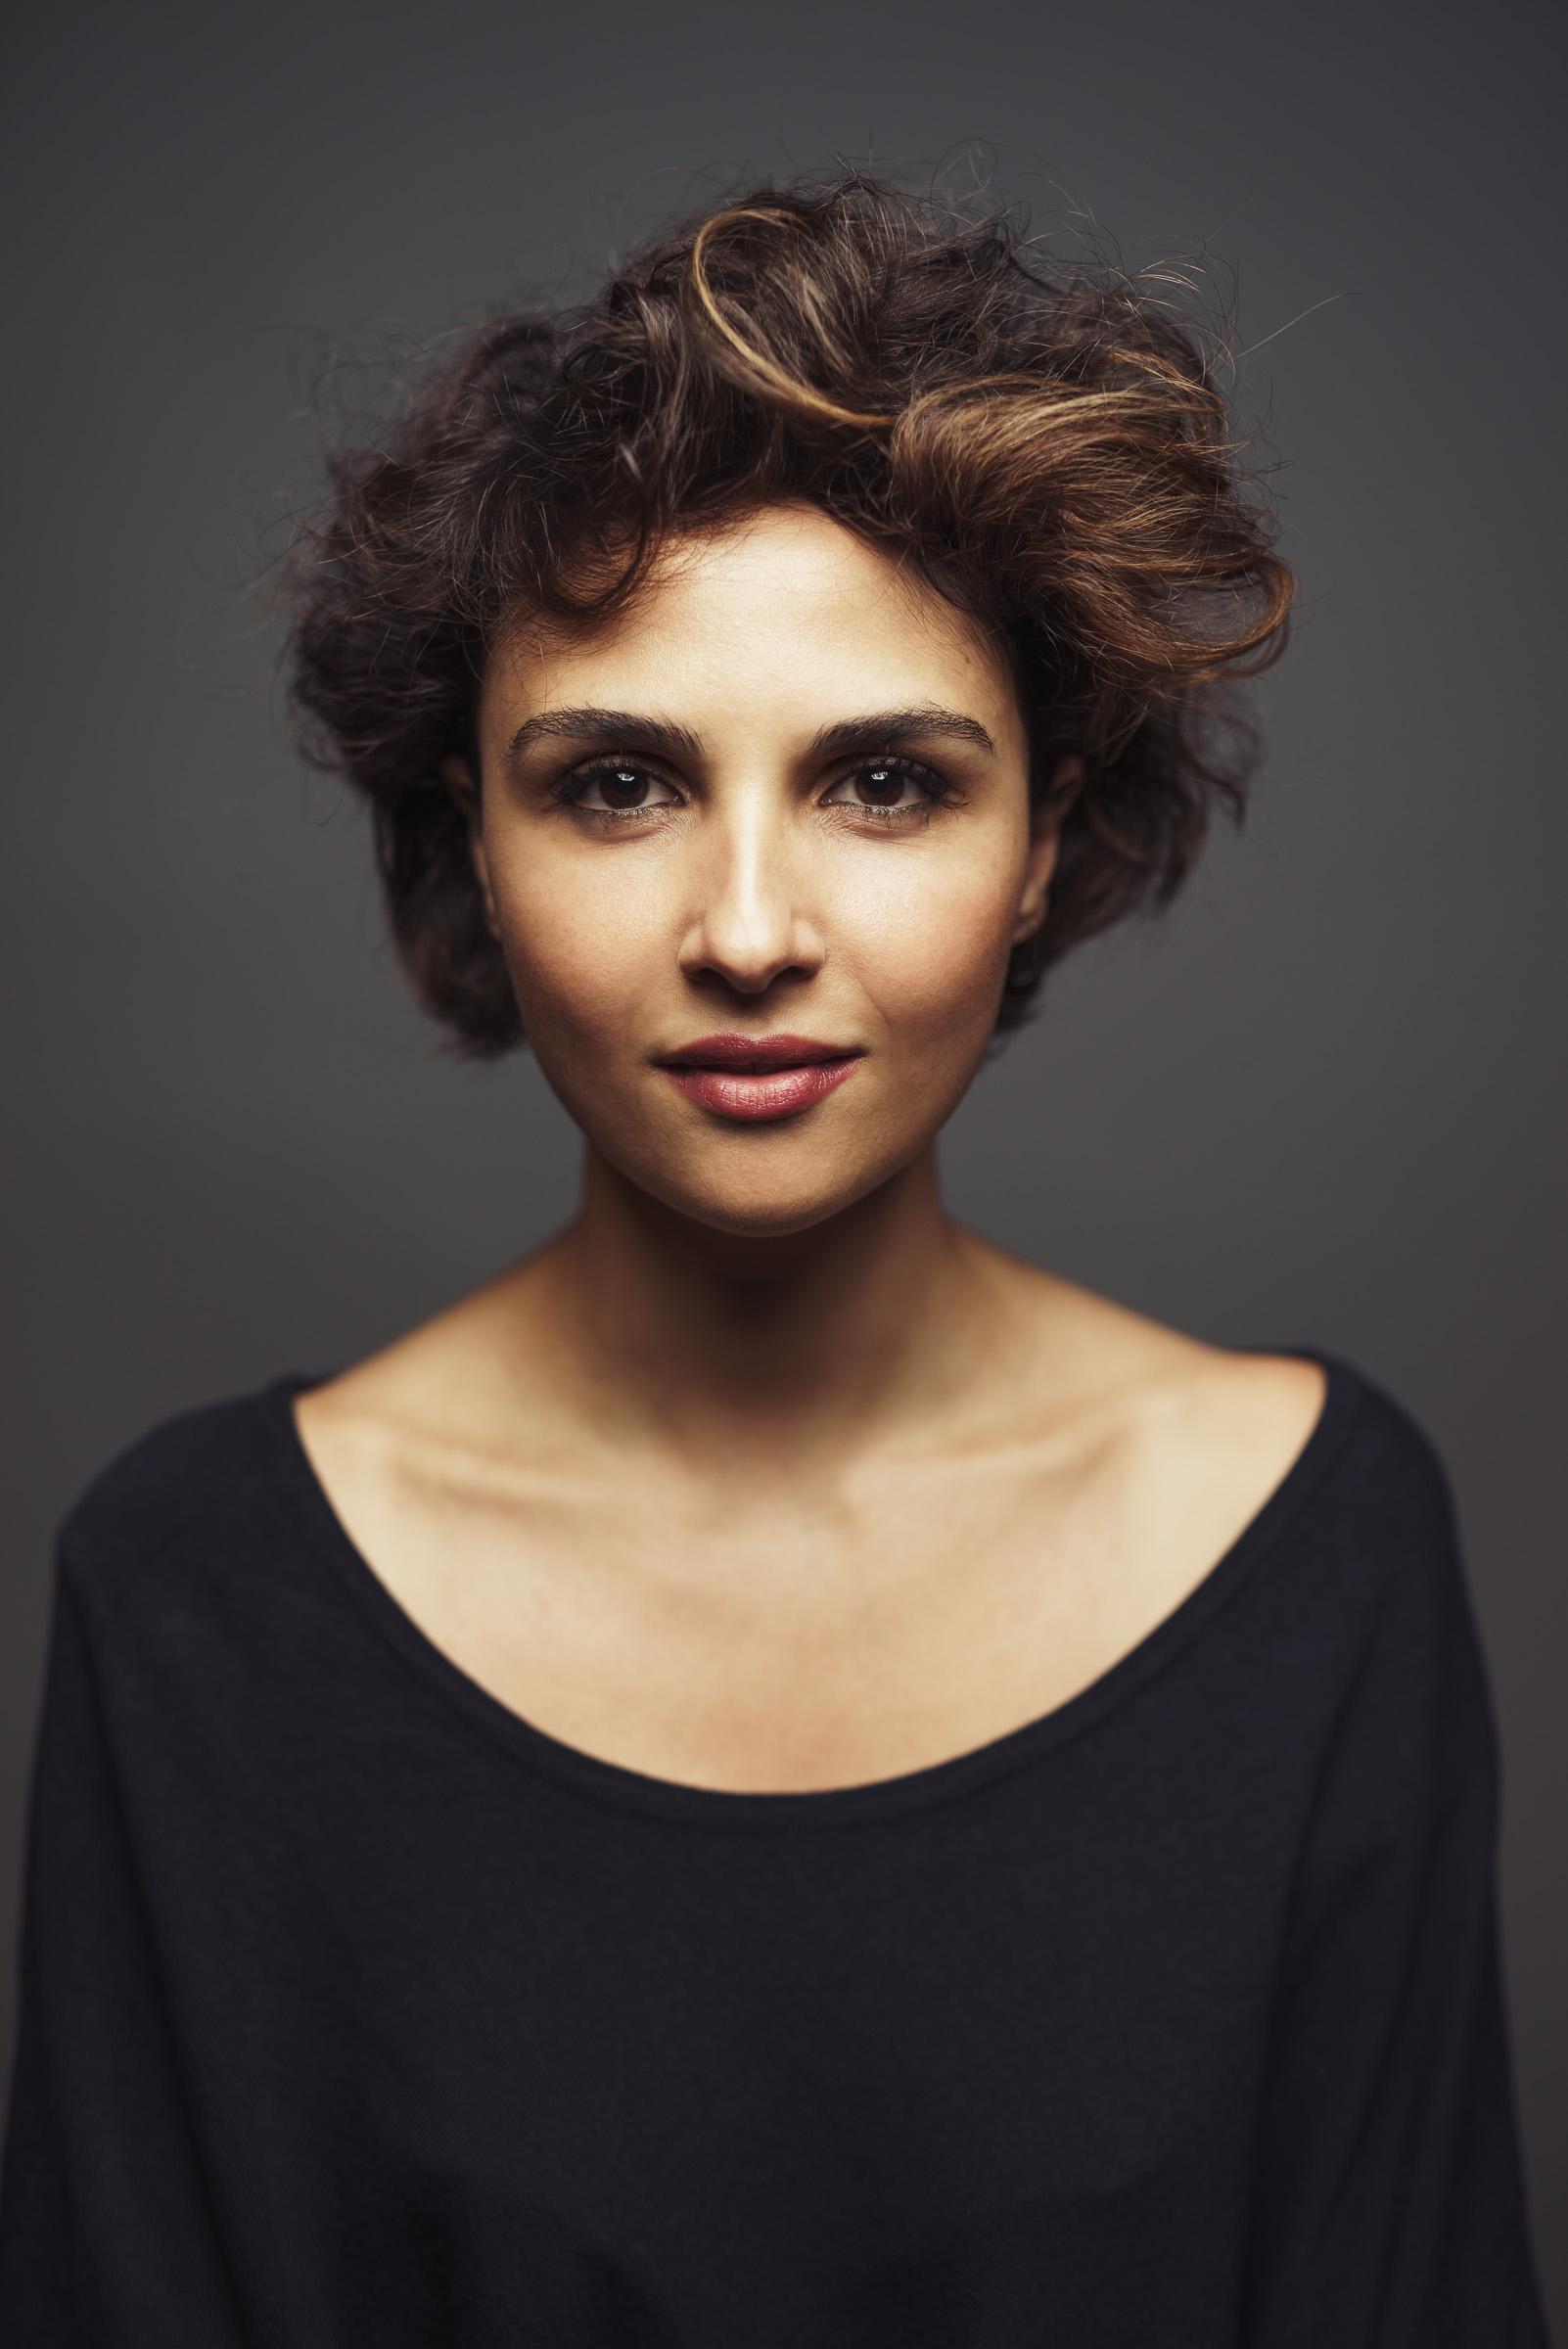 actress Maryam Hassouni (Dunya & Desie, Offers)